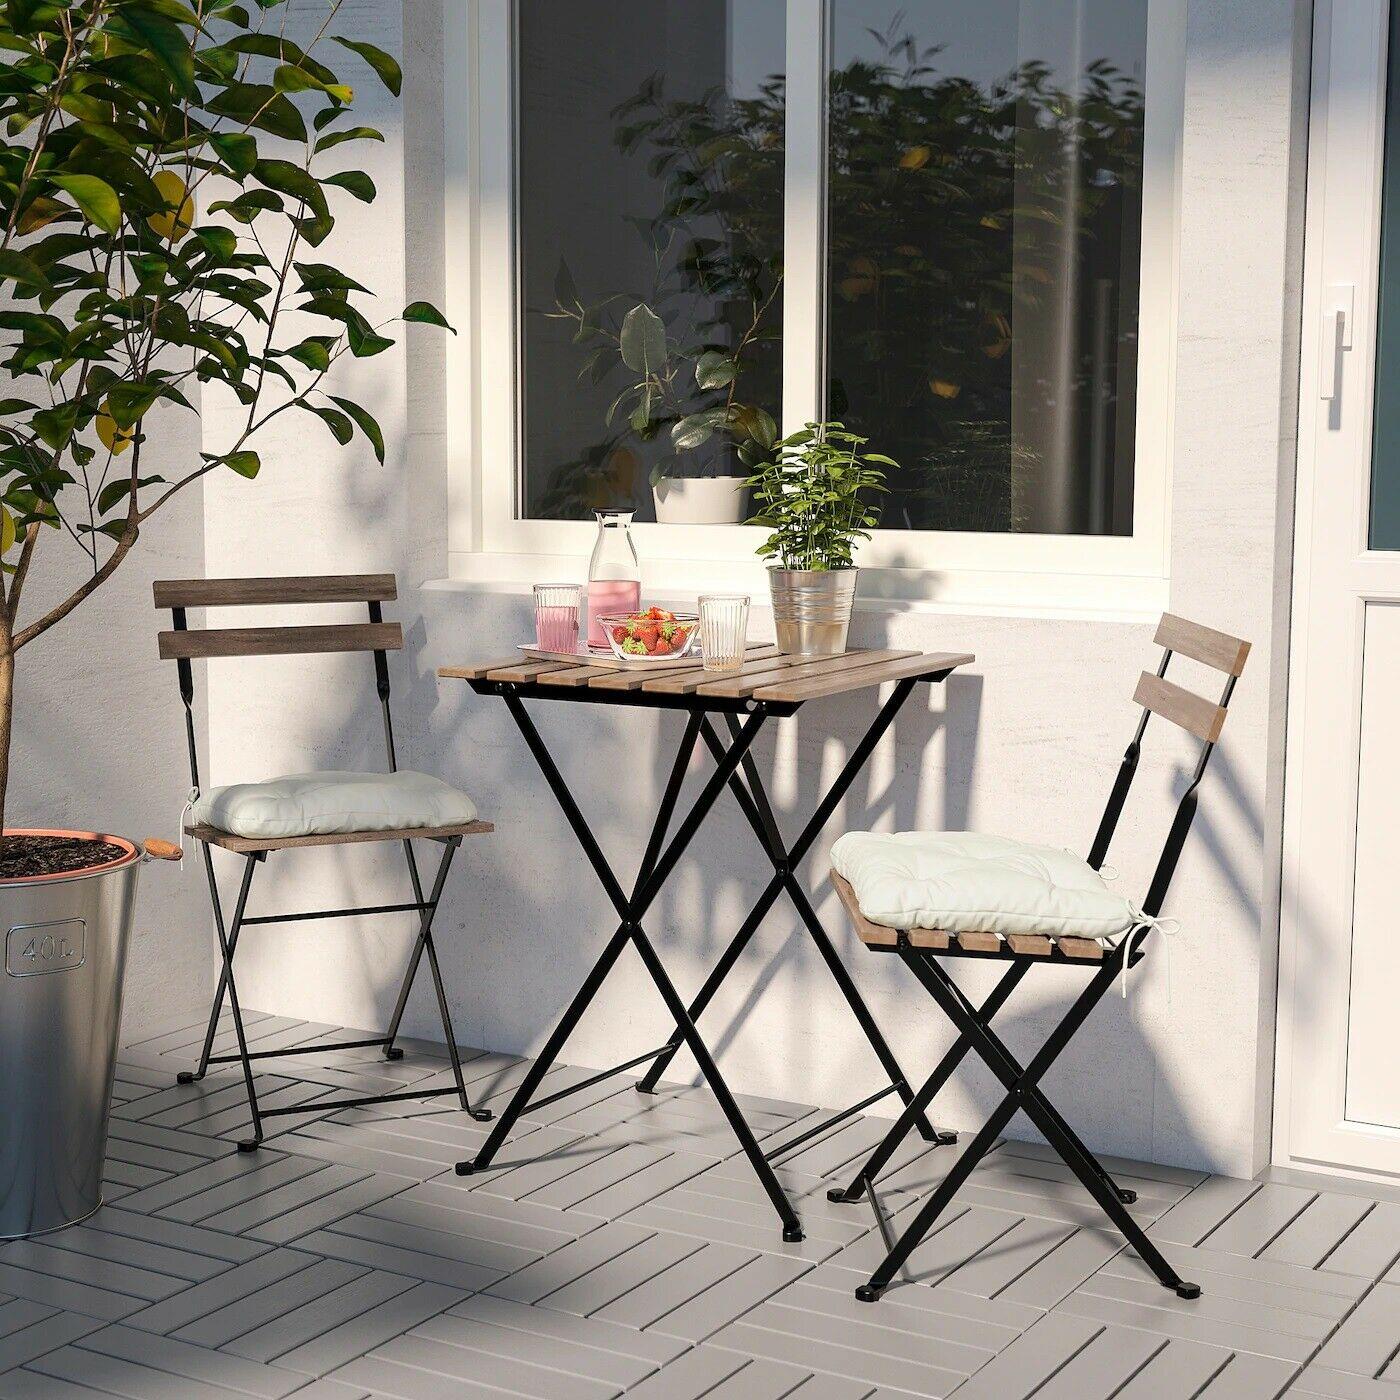 Full Size of Liegestuhl Klappbar Holz Ikea Betten Bei Ausklappbares Bett Küche Kosten Garten 160x200 Ausklappbar Miniküche Modulküche Sofa Mit Schlaffunktion Kaufen Wohnzimmer Liegestuhl Klappbar Ikea